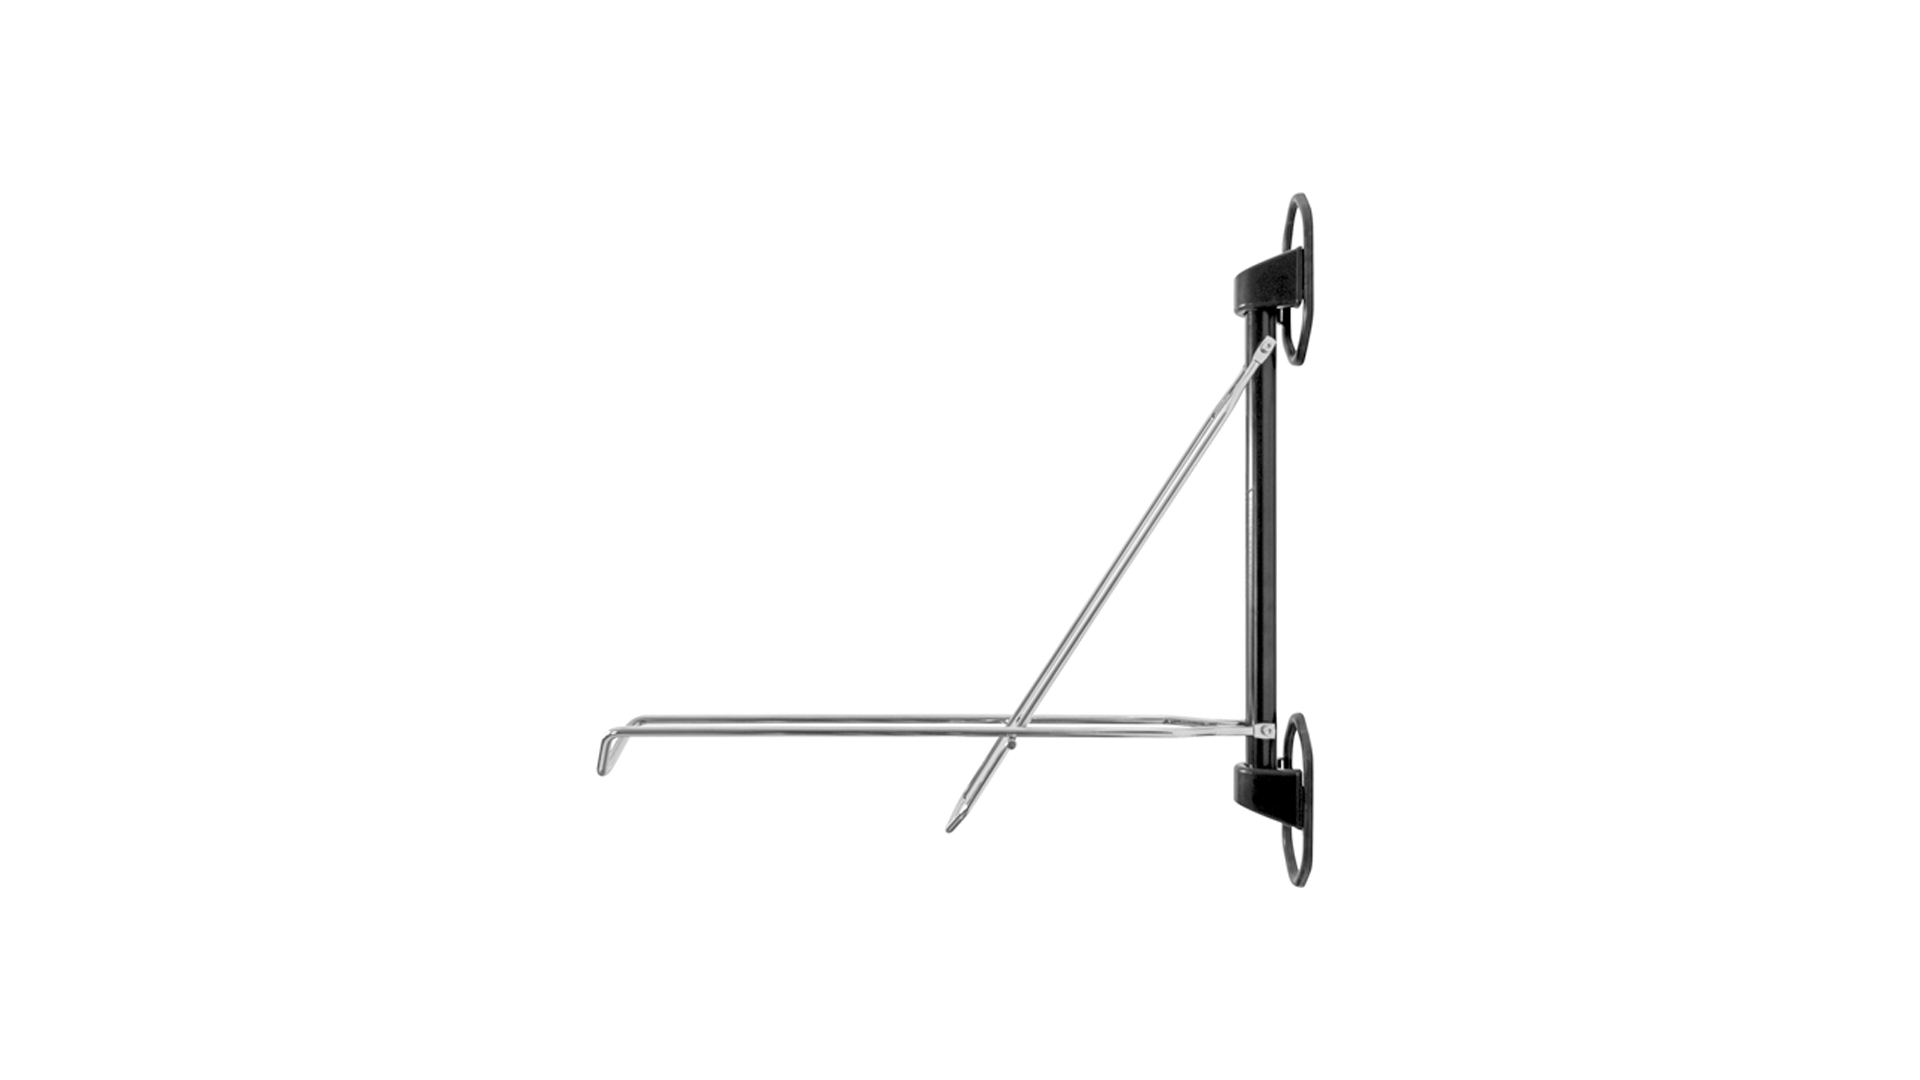 Suporte Parede Bike Clip Vertical 24 a 29 - NATHOR